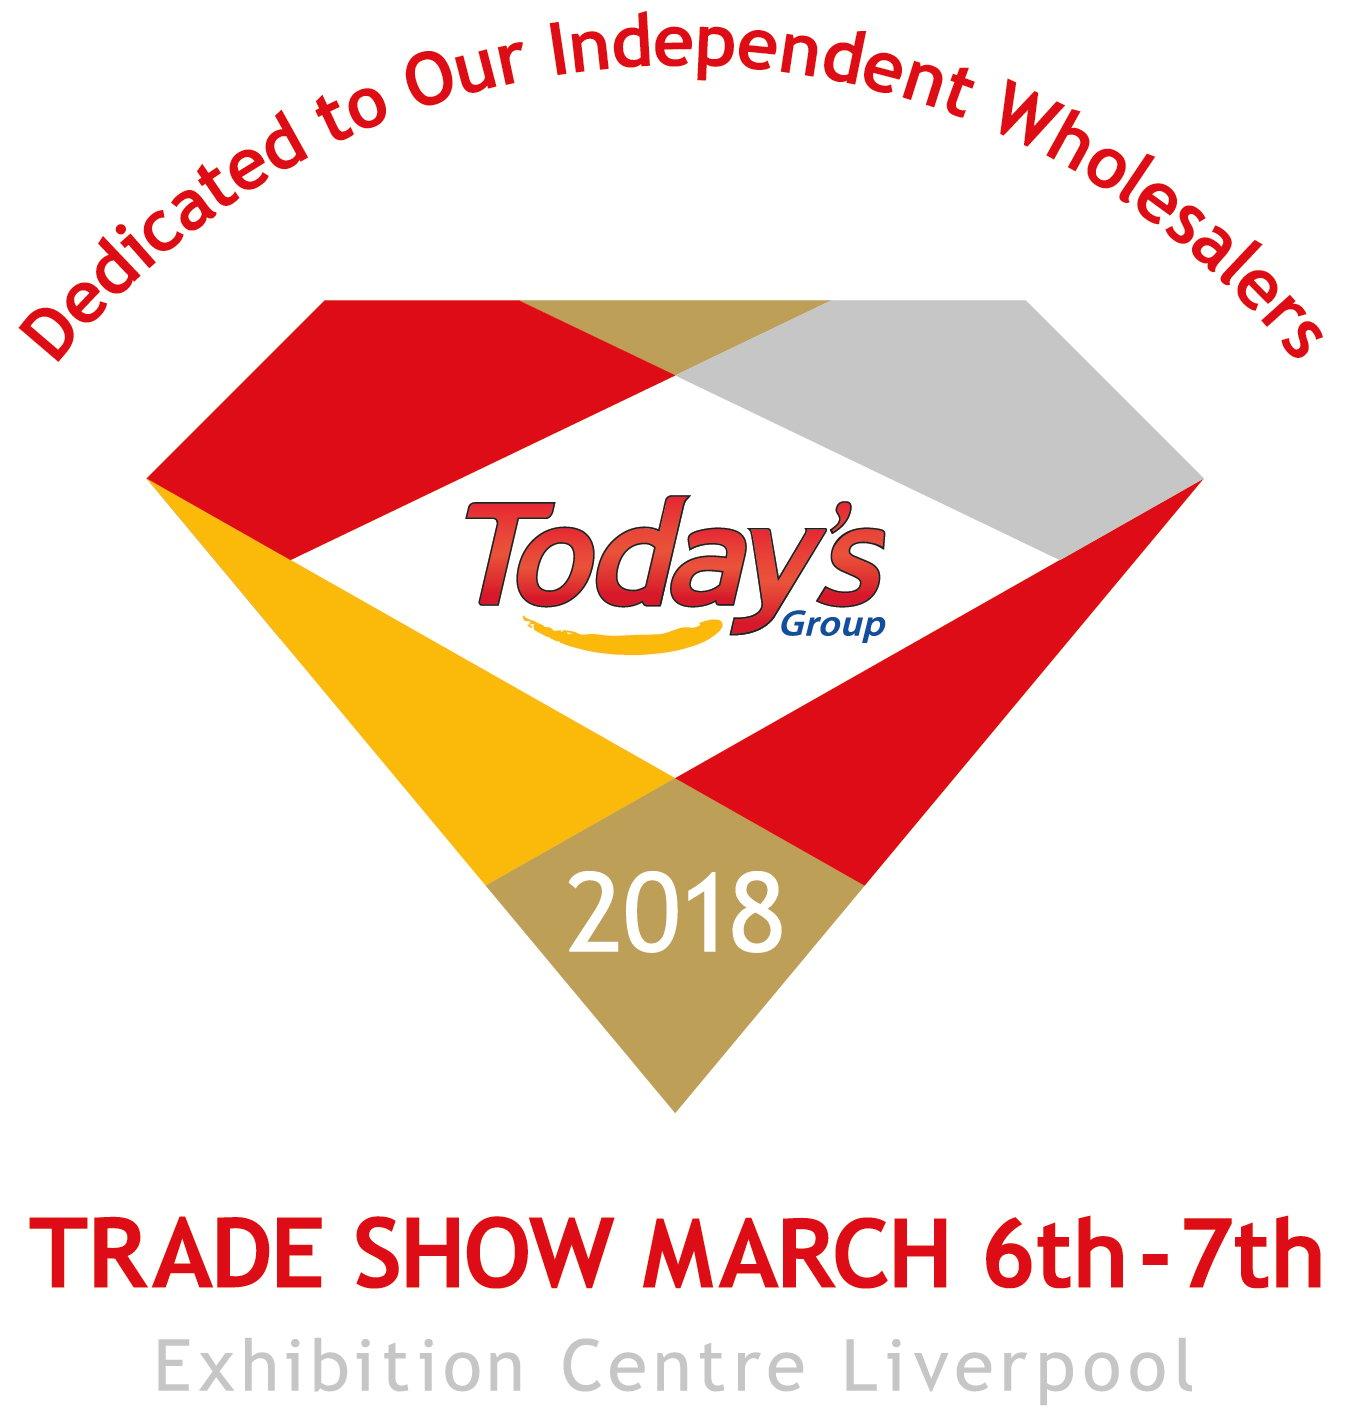 Trade show 2018 logo_ARTWORK.jpg